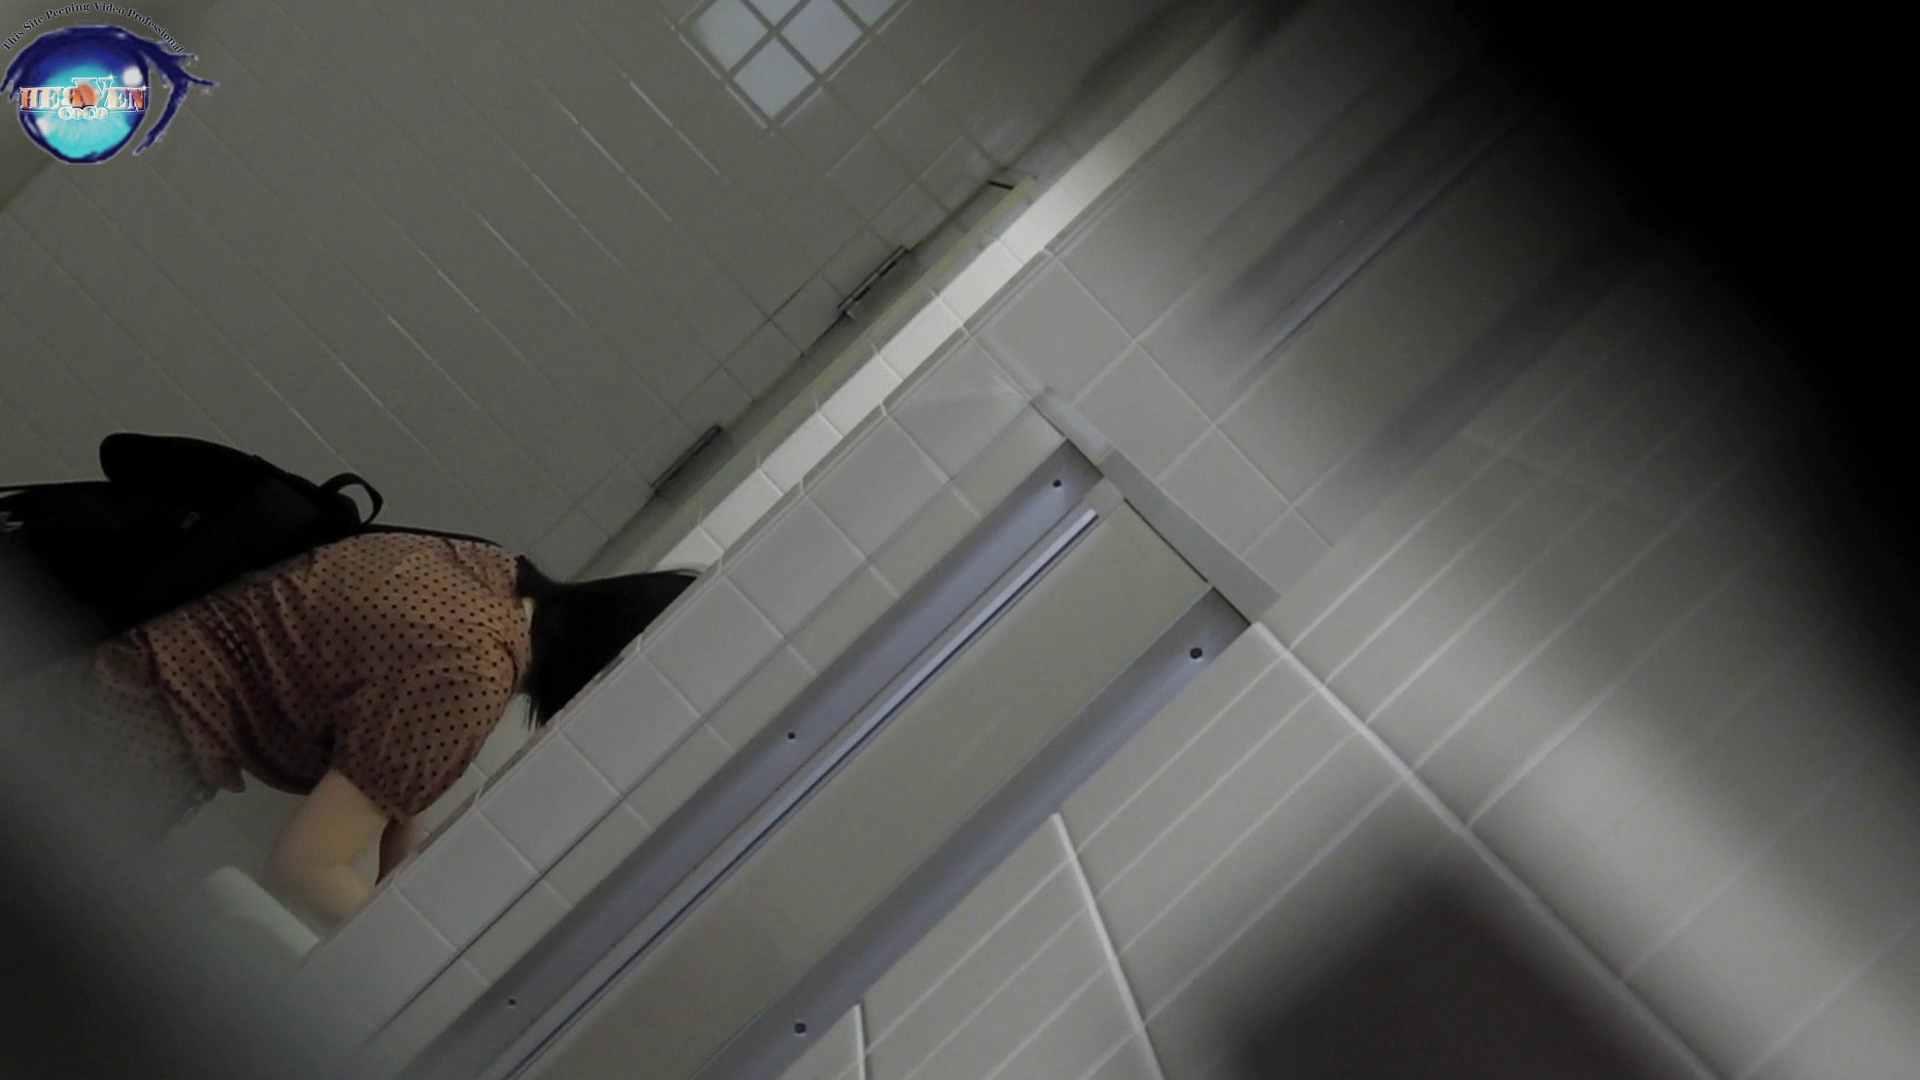 洗面所突入レポート!!お銀 vol.68 無謀に通路に飛び出て一番明るいフロント撮り実現 前編 洗面所編   0  86PIX 71